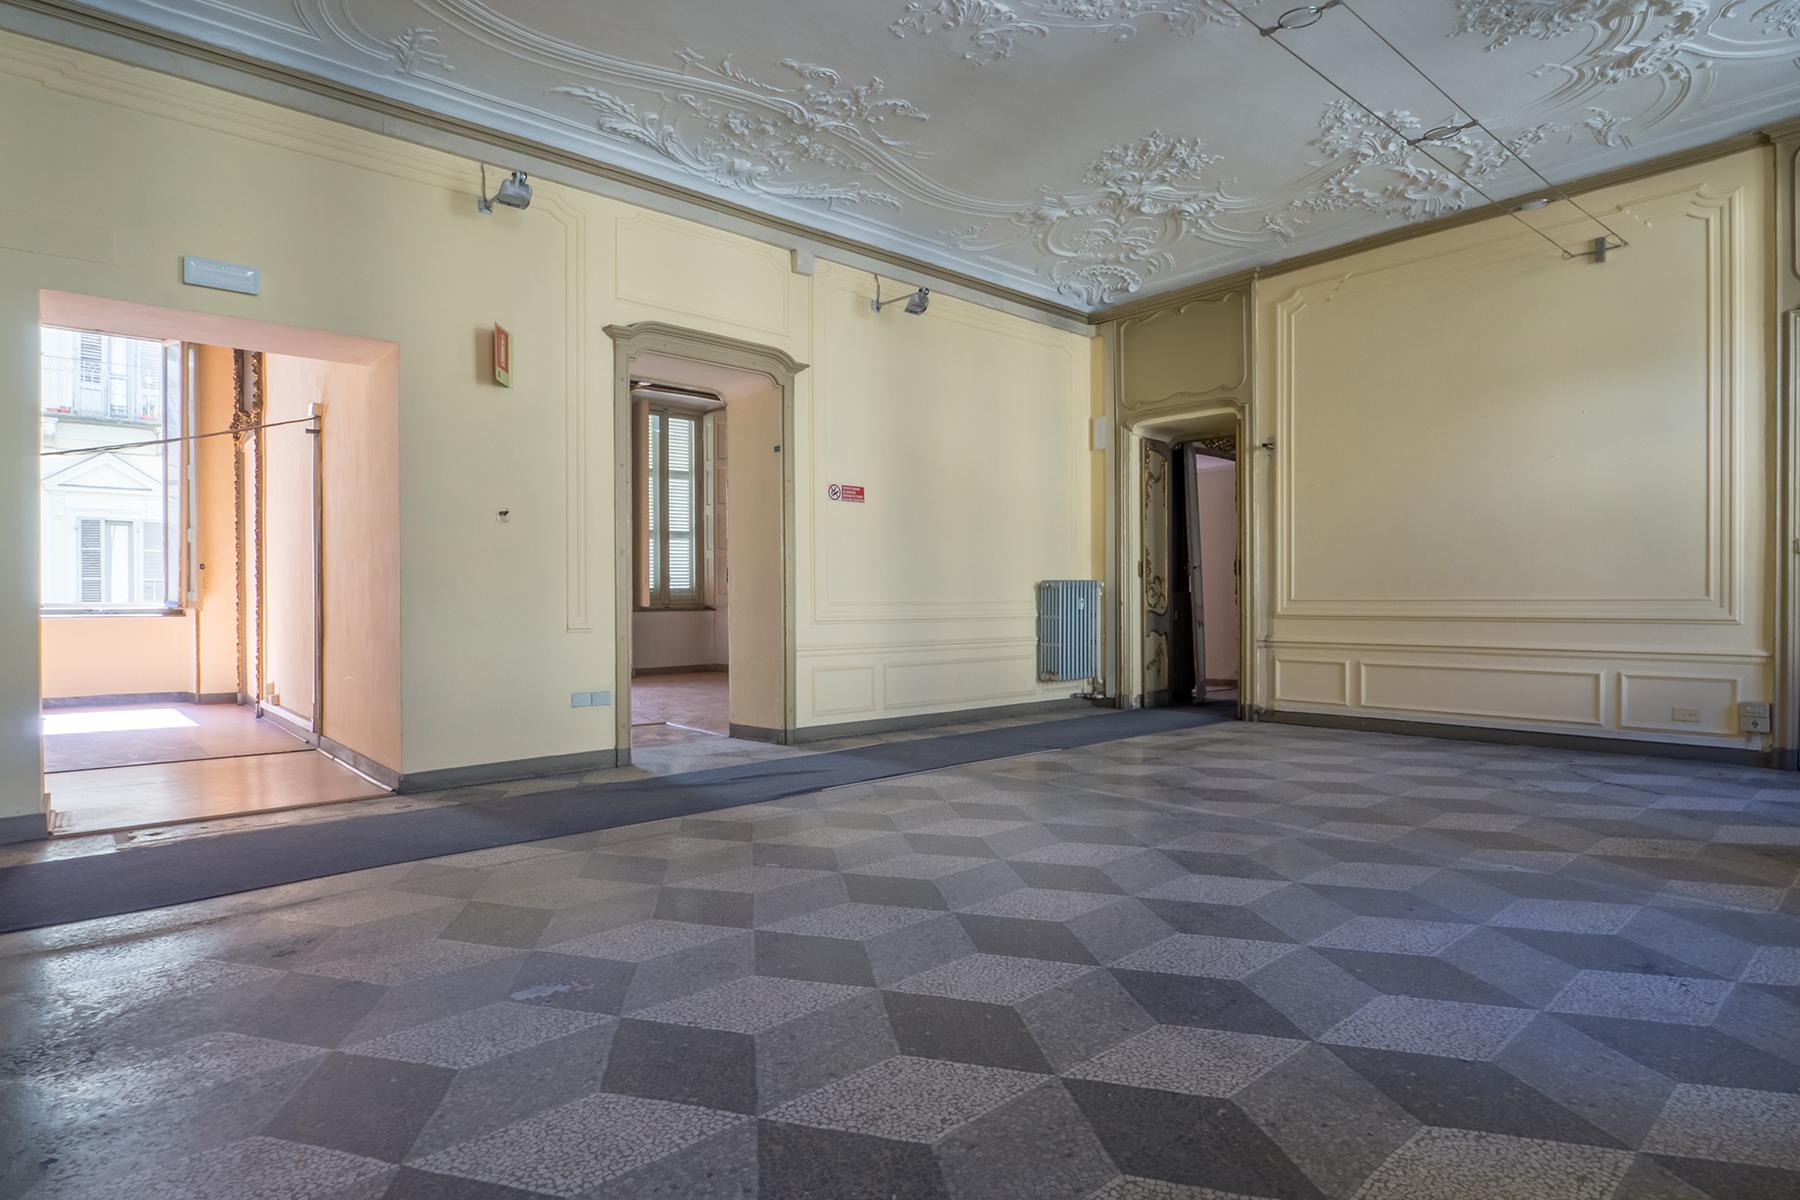 Ufficio di alta rappresentanza nel centro storico di Torino - 6